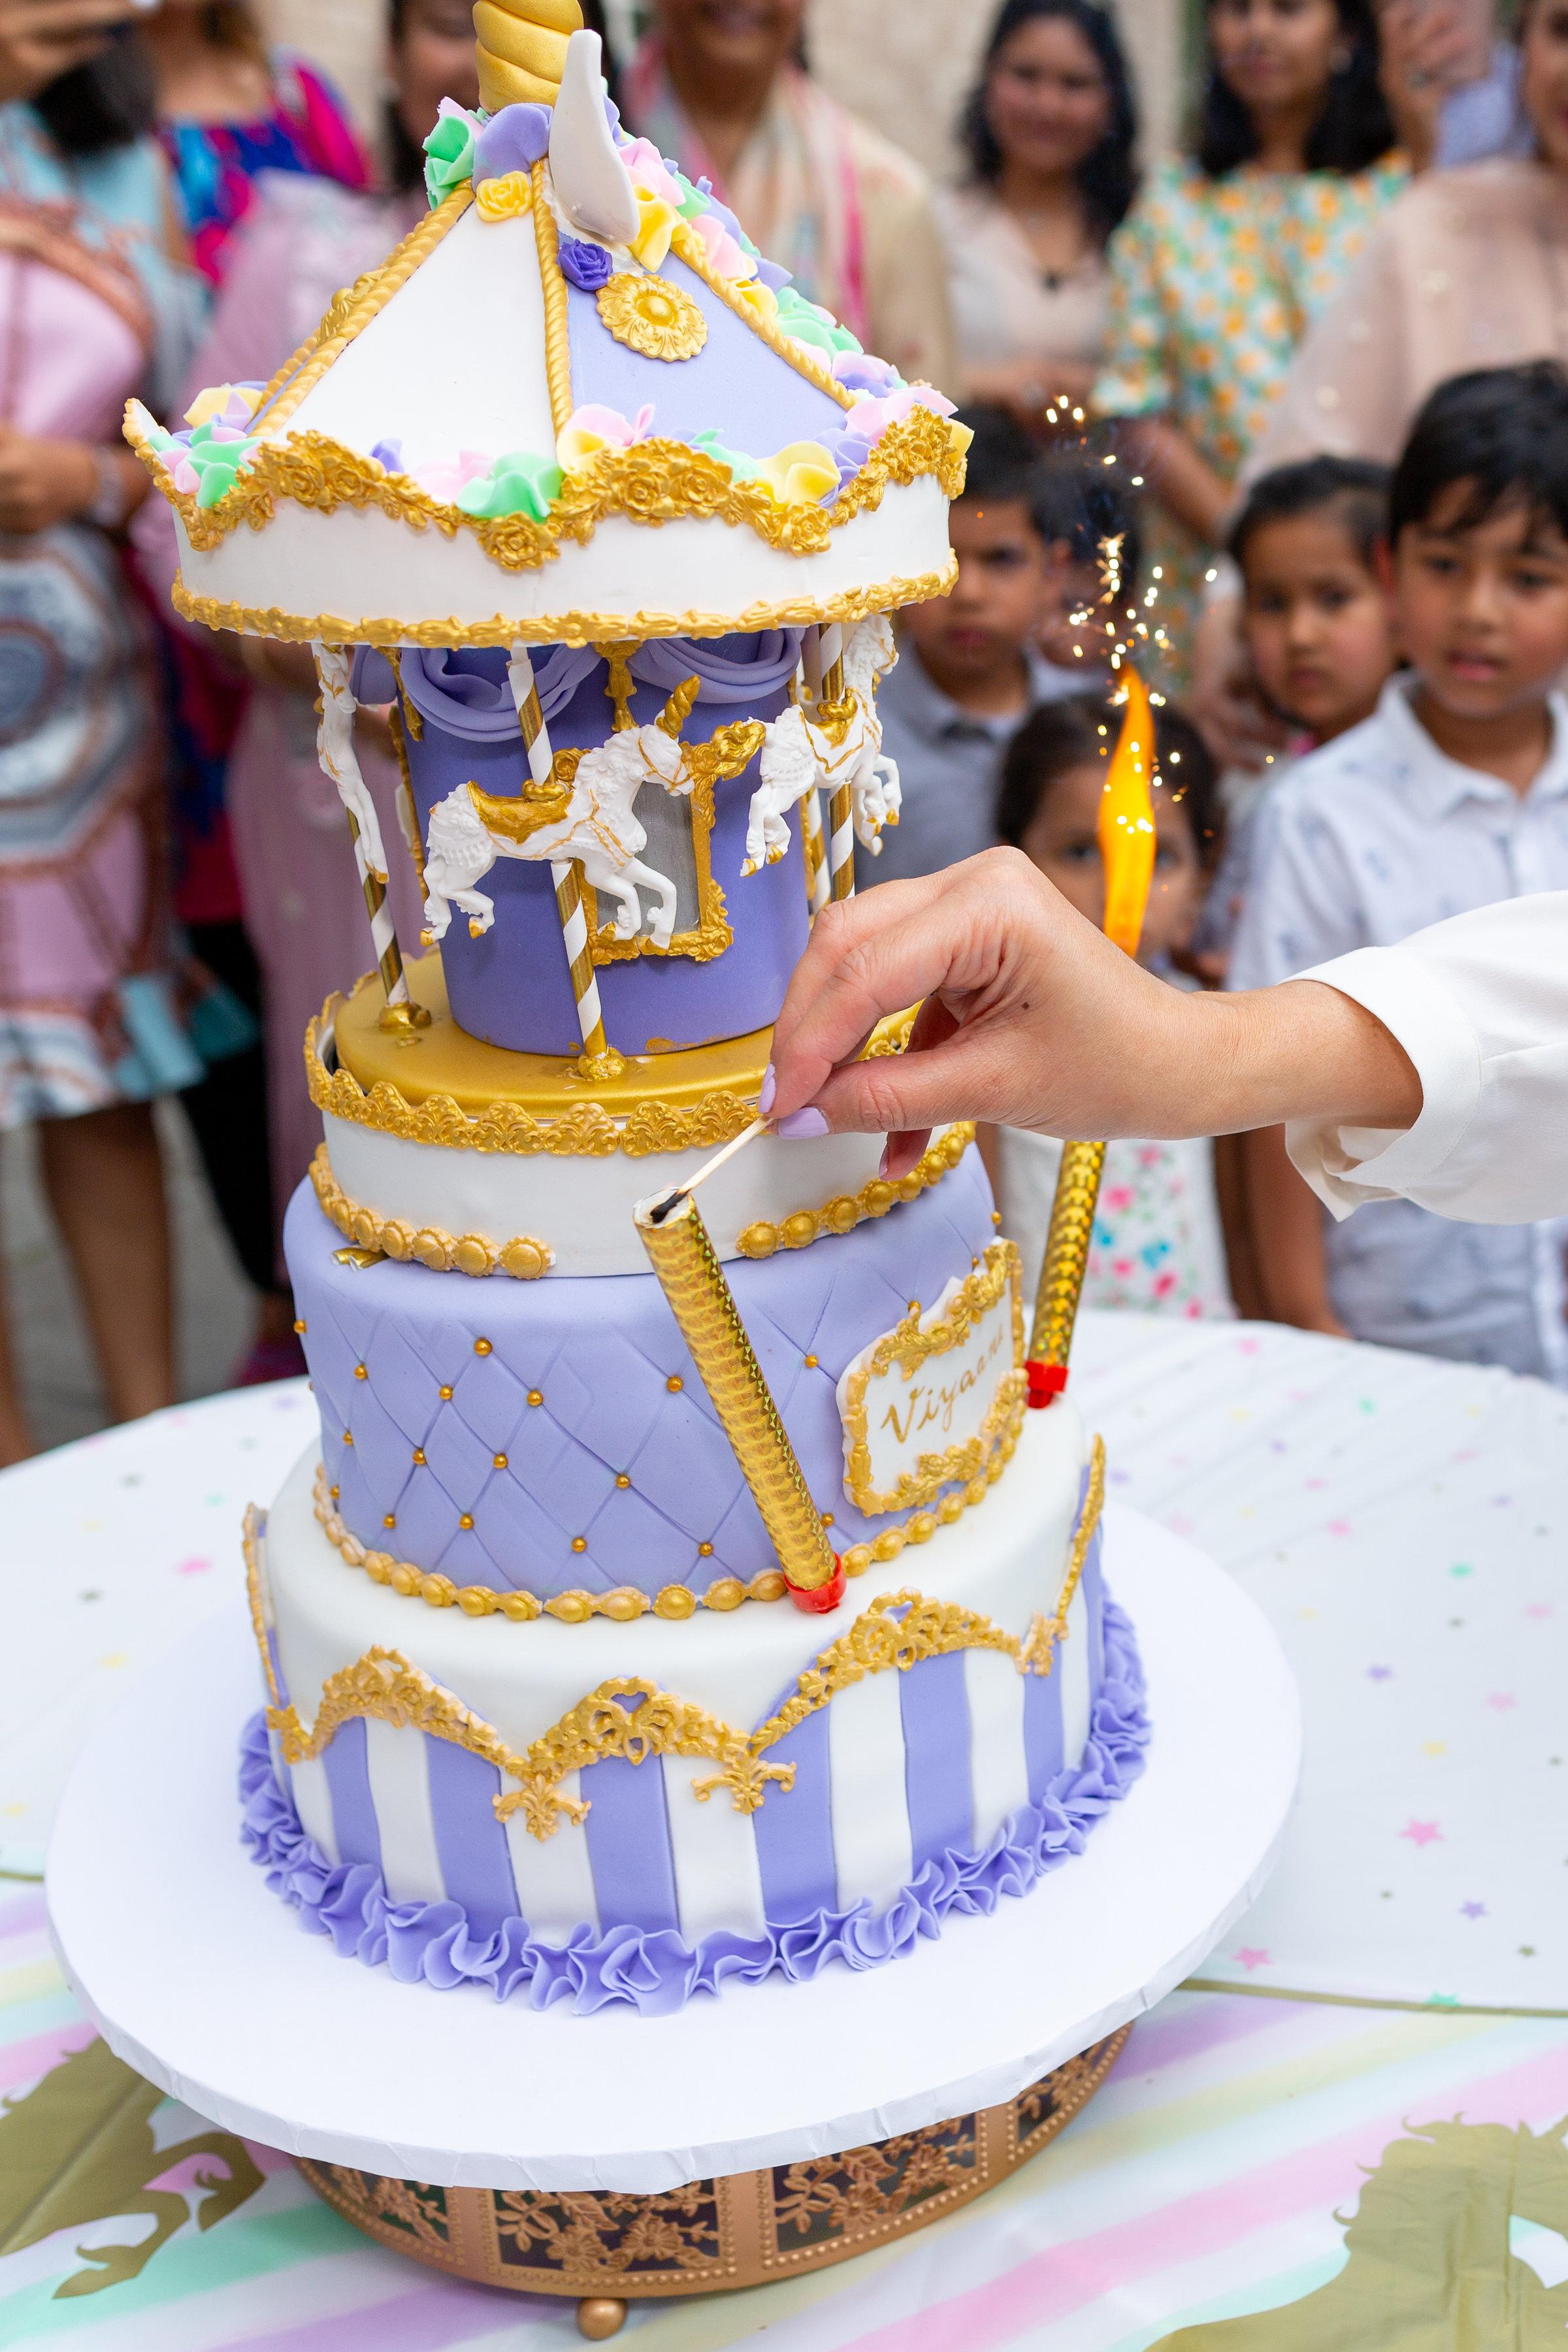 viyaana cake.jpg